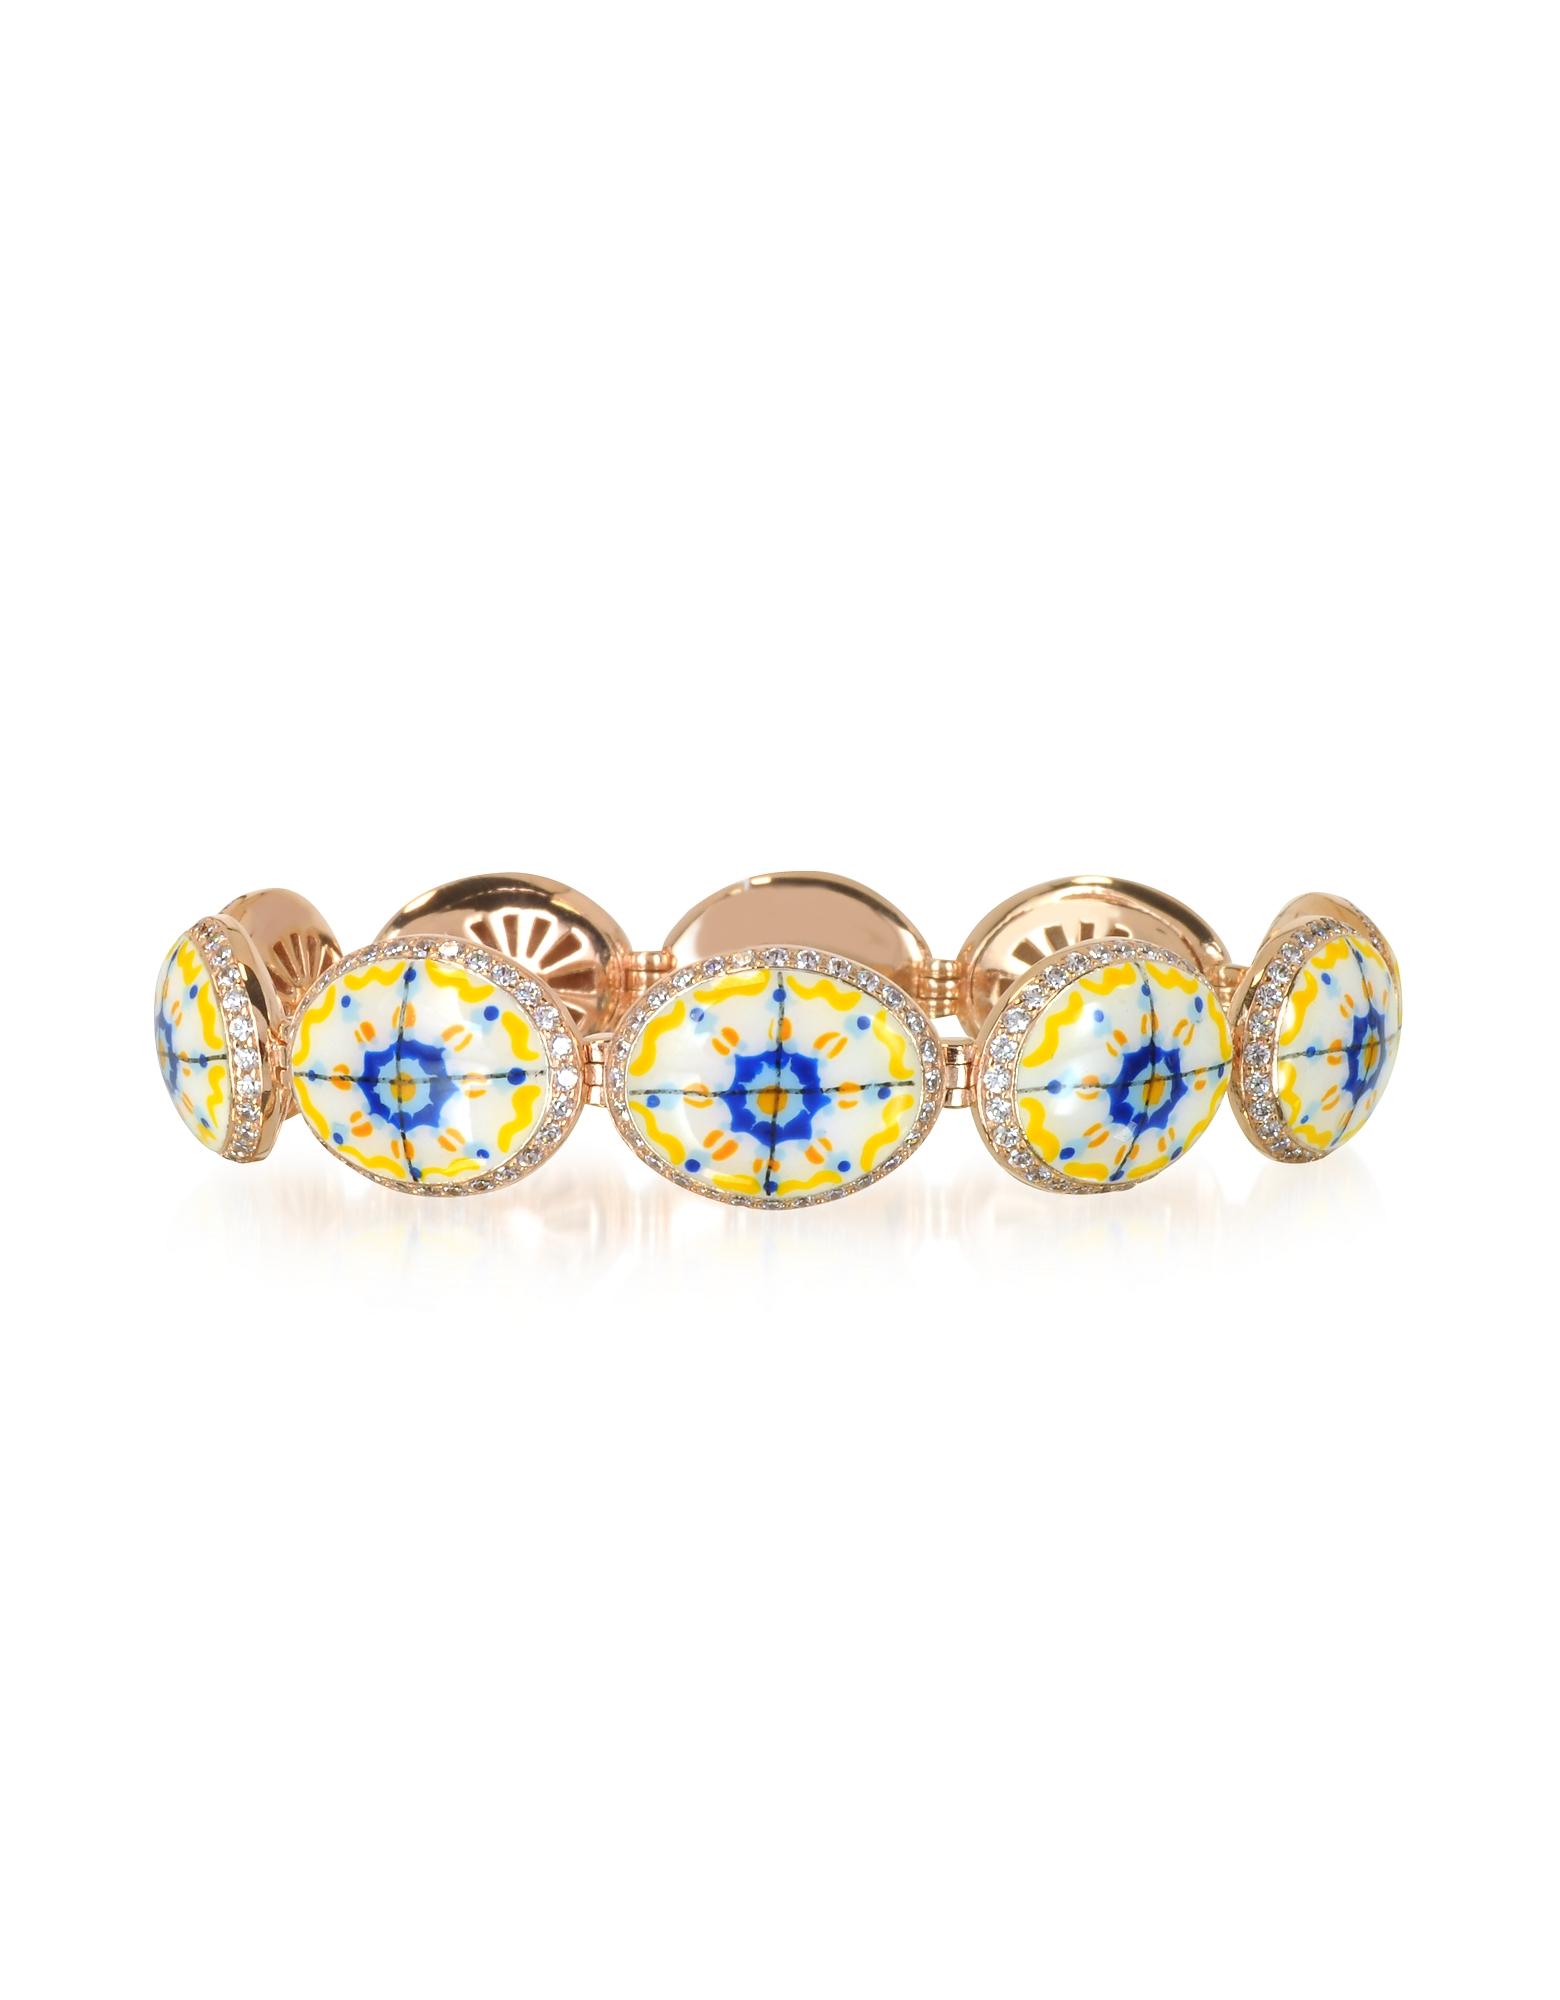 Azhar Bracelets, Capri Silver, Zircon and Enamel Bracelet